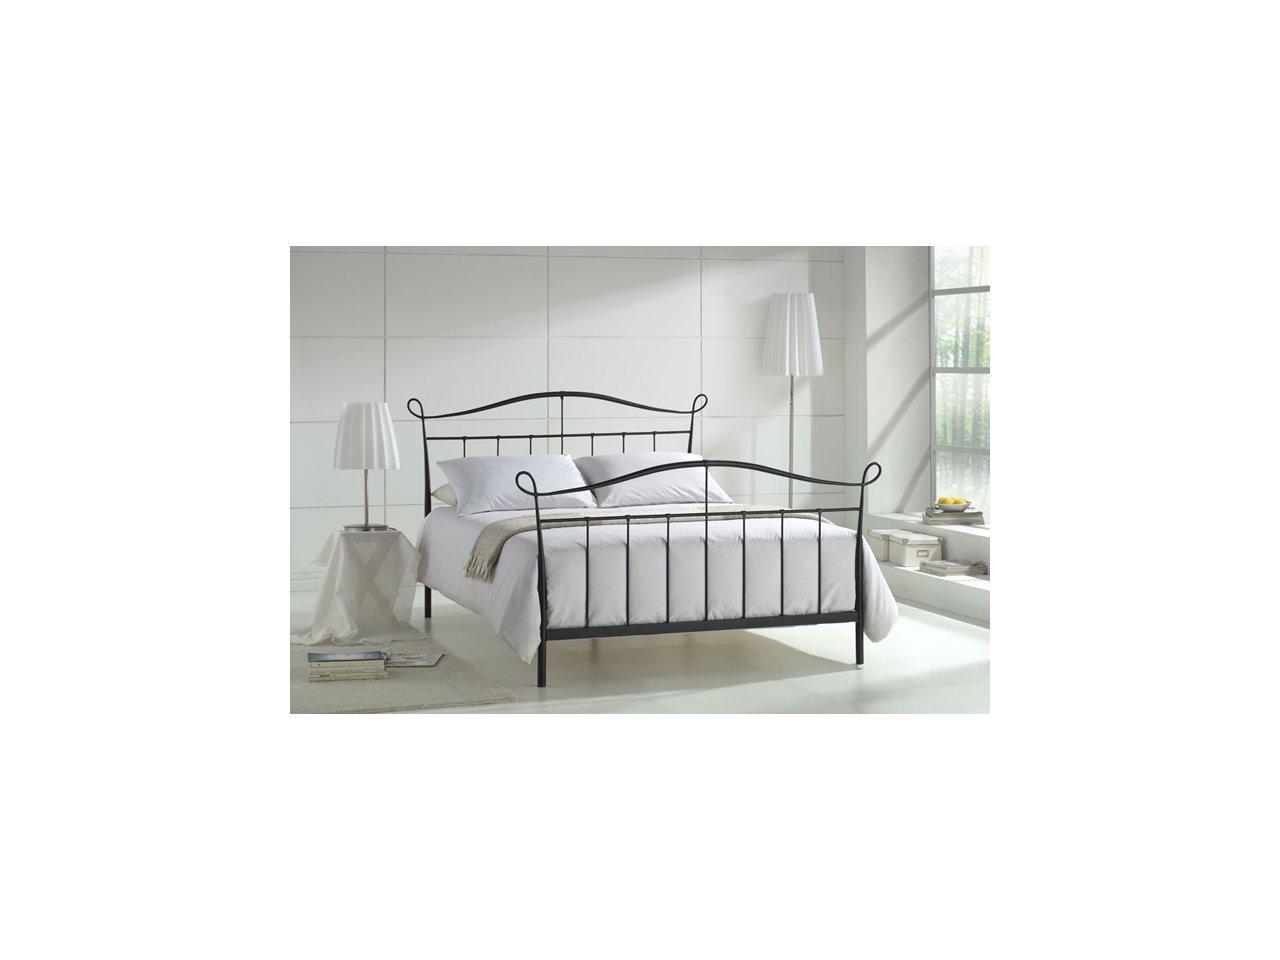 Metalowe łóżko kute model MK03